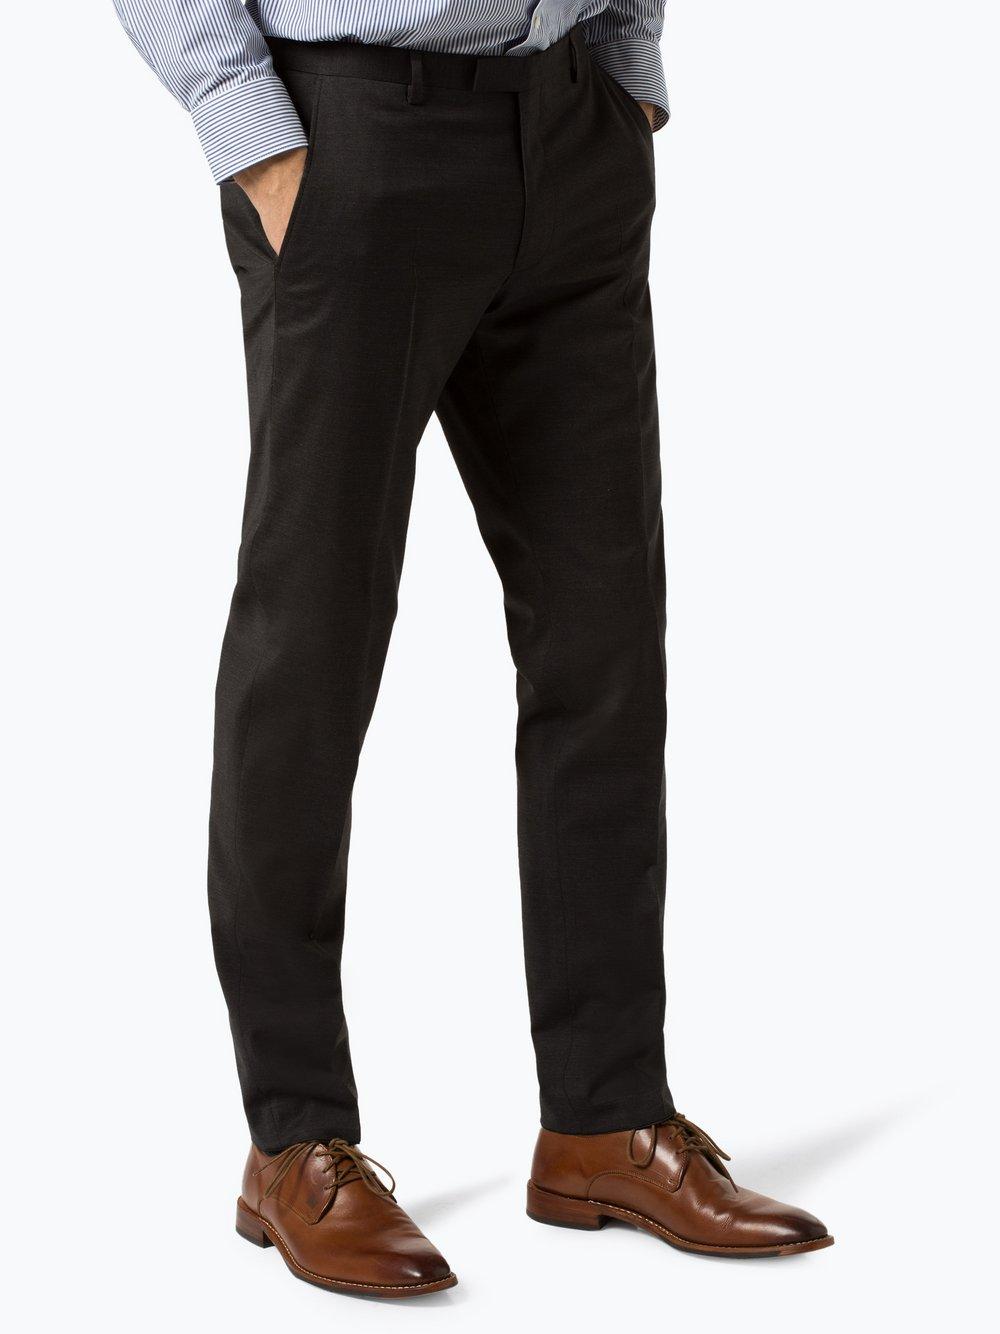 Joop - Męskie spodnie od garnituru modułowego – Blayr02, szary